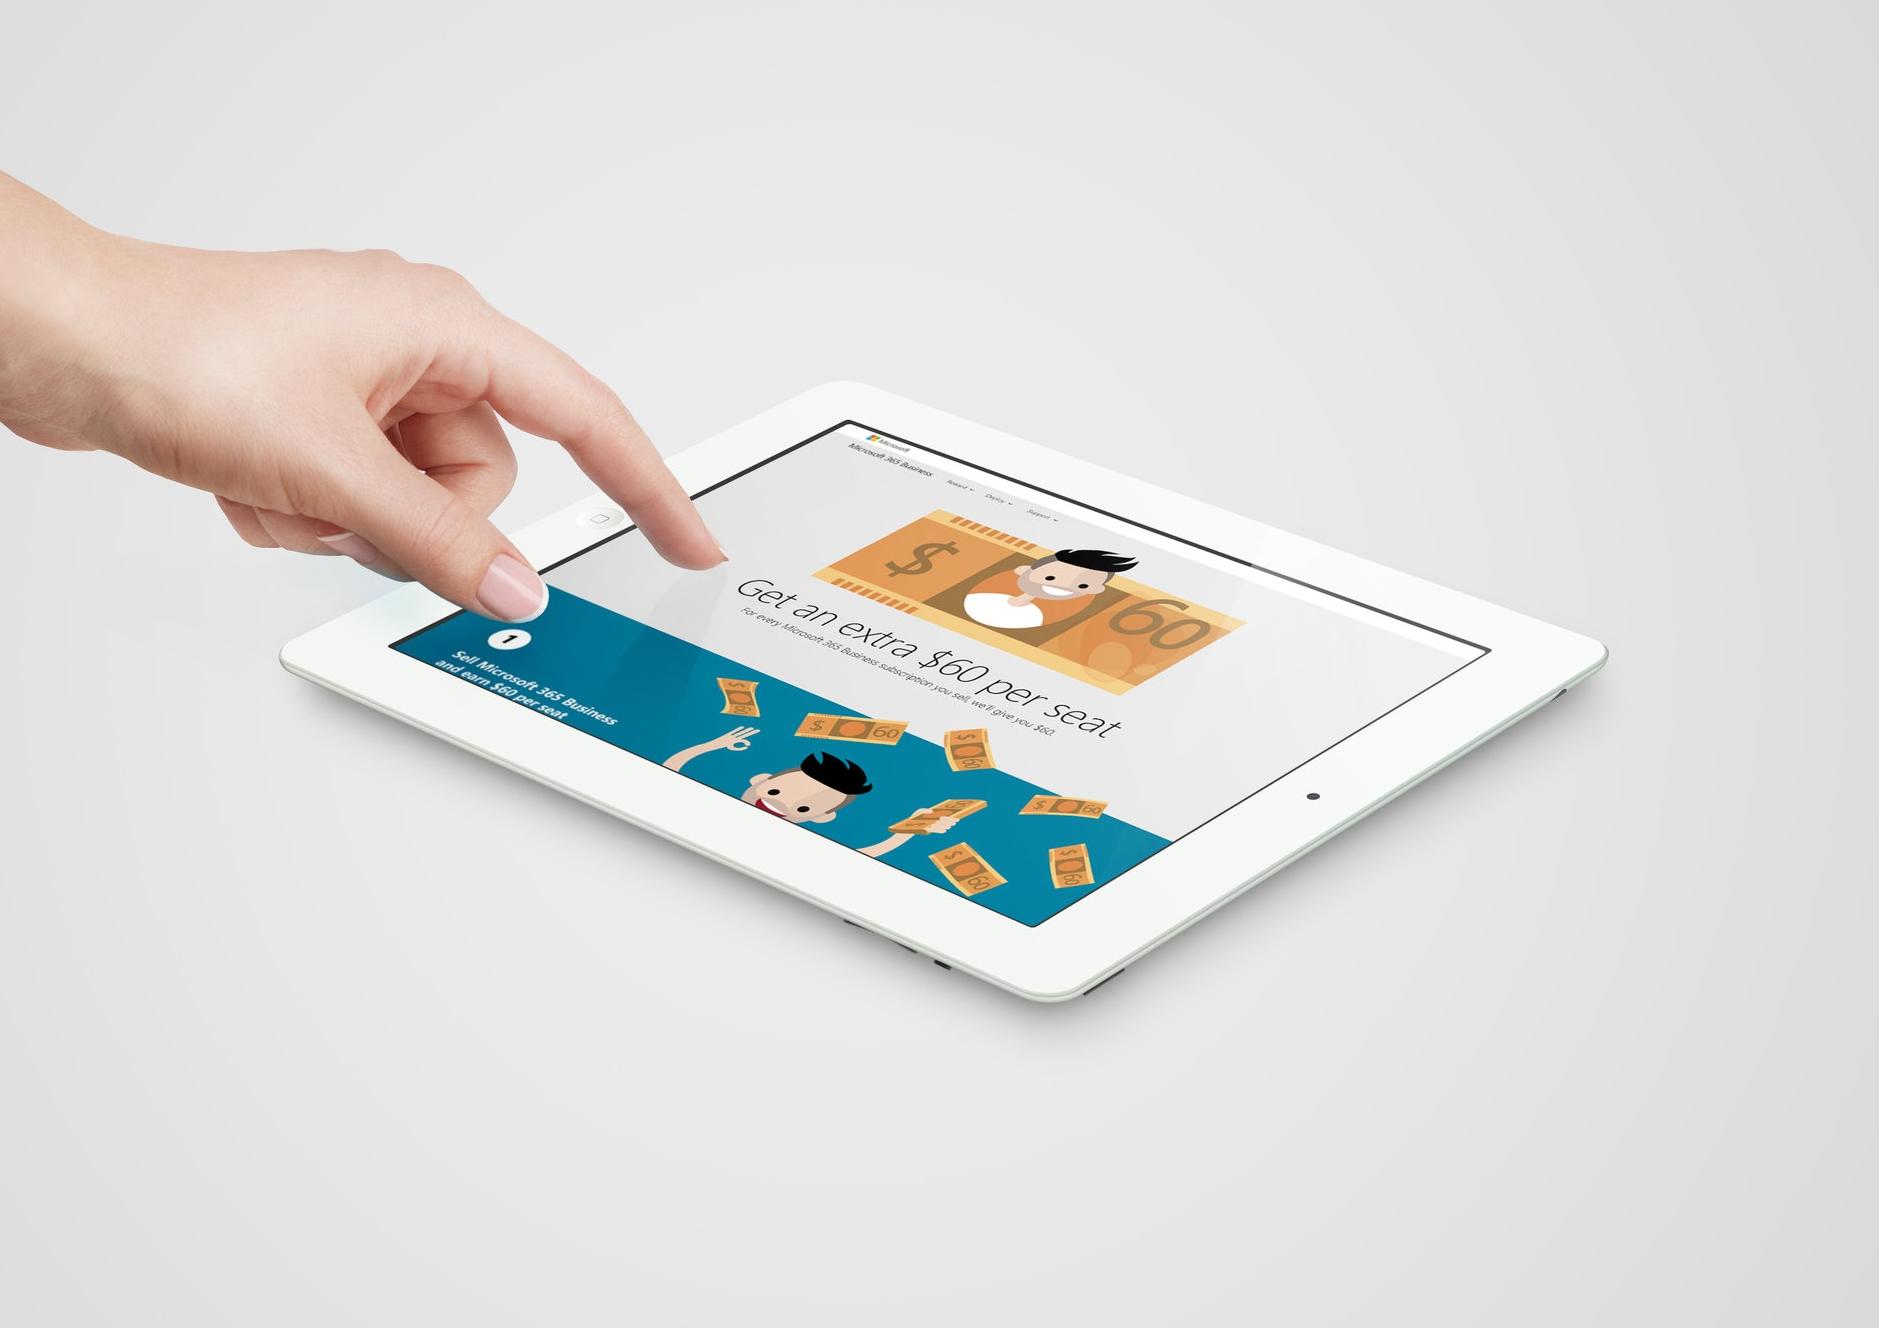 MS365B_TabletPad-Mock.jpg